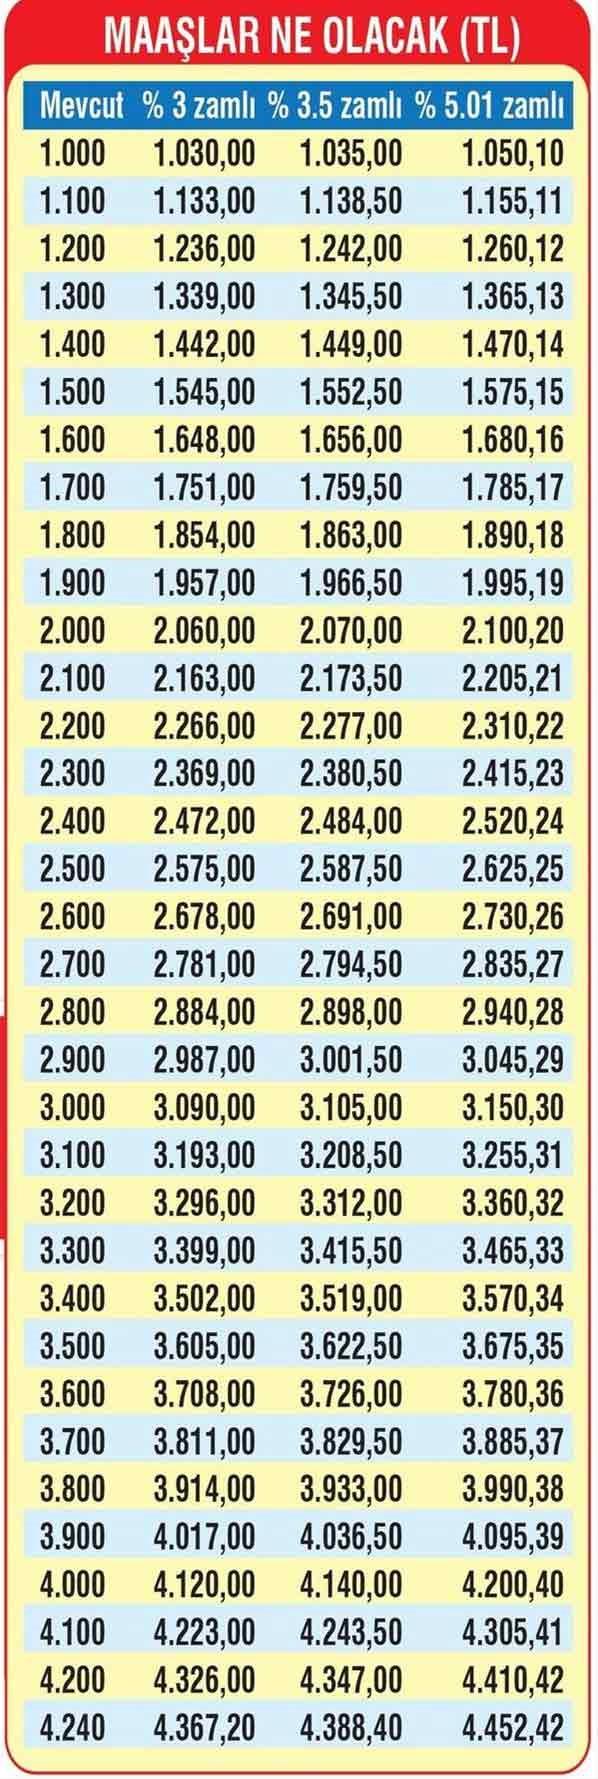 Devlet emeklilik hizmeti için emekli aylığı türleri. Asgari emekli maaşı